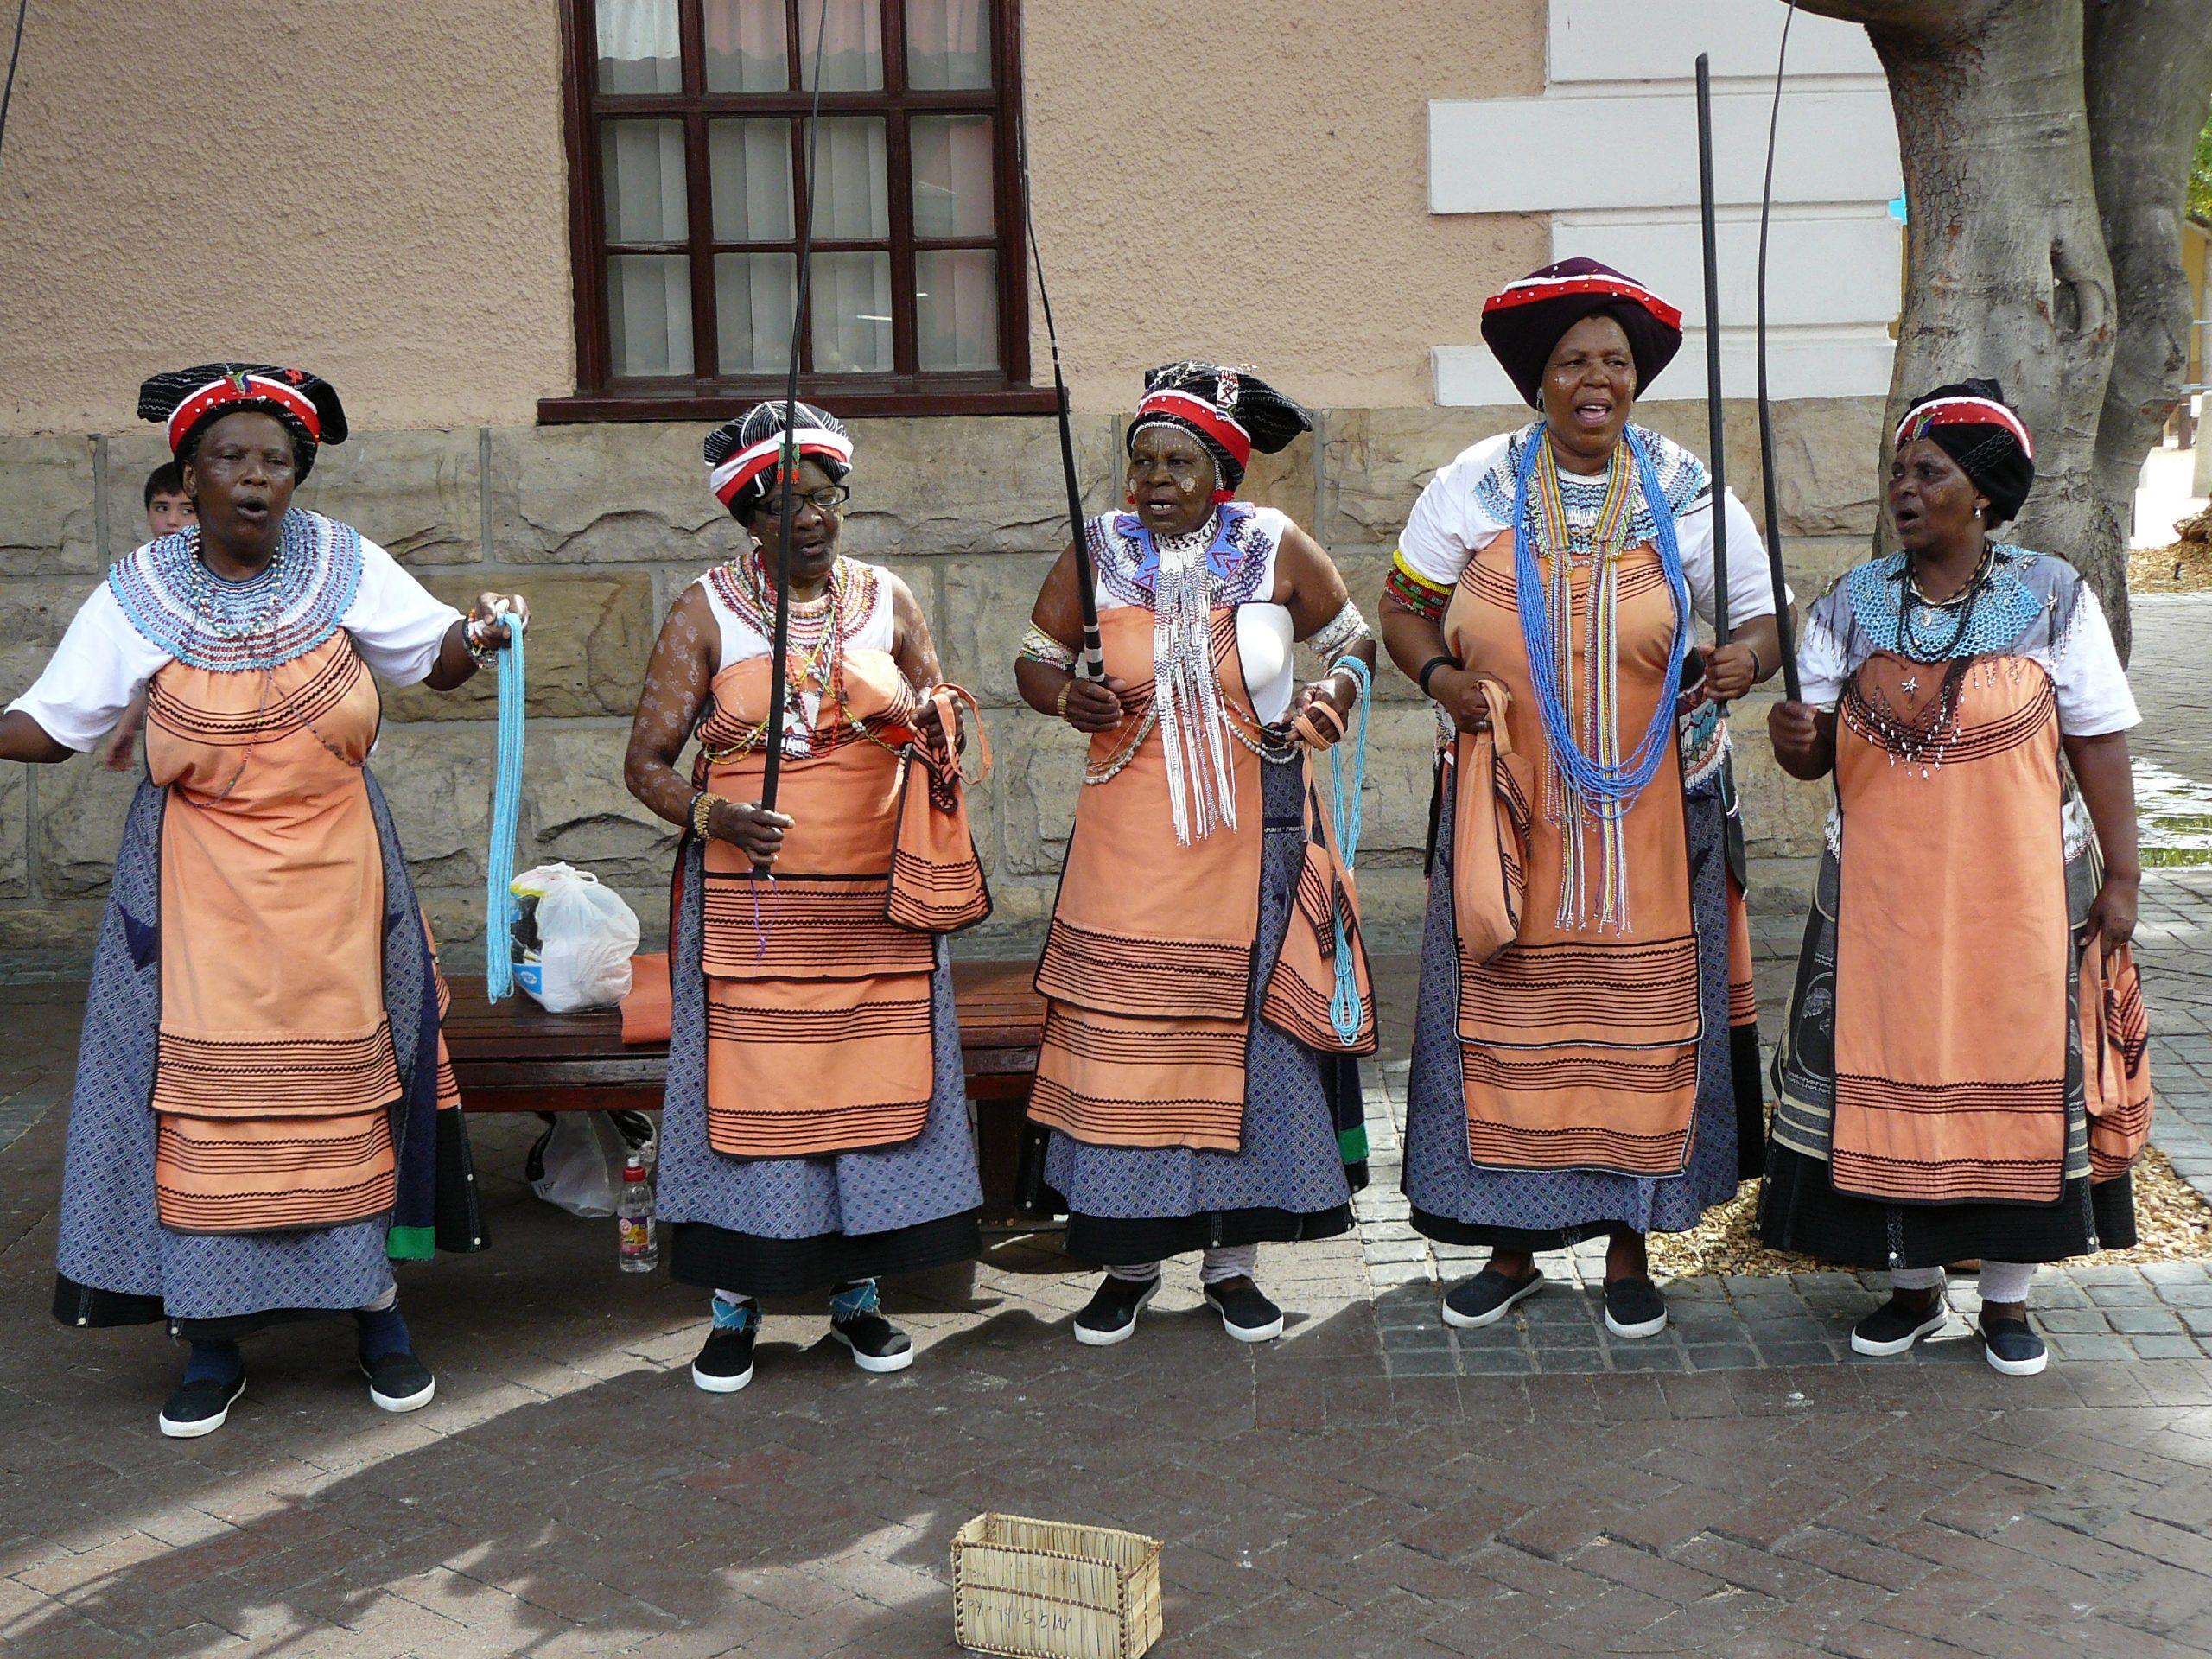 Shweshwe clothing